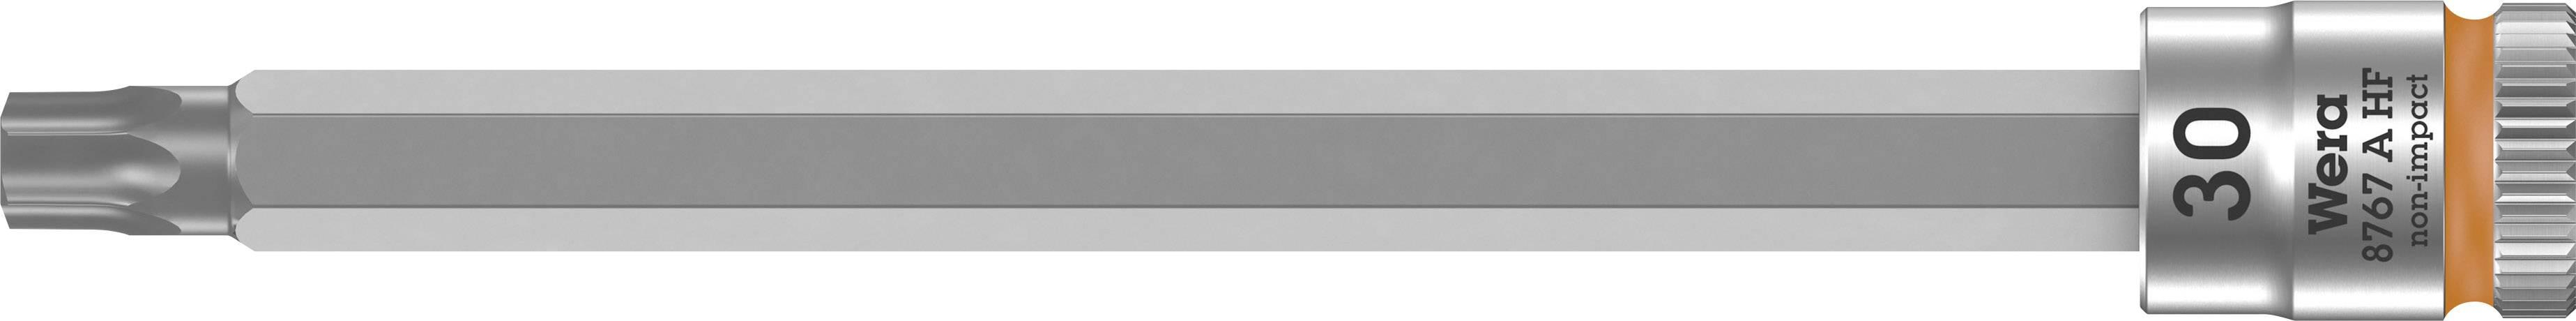 """Nástrčný kľúč, Torx Wera 8767 A 05003370001, 1/4"""" (6,3 mm), chróm-vanadiová oceľ"""